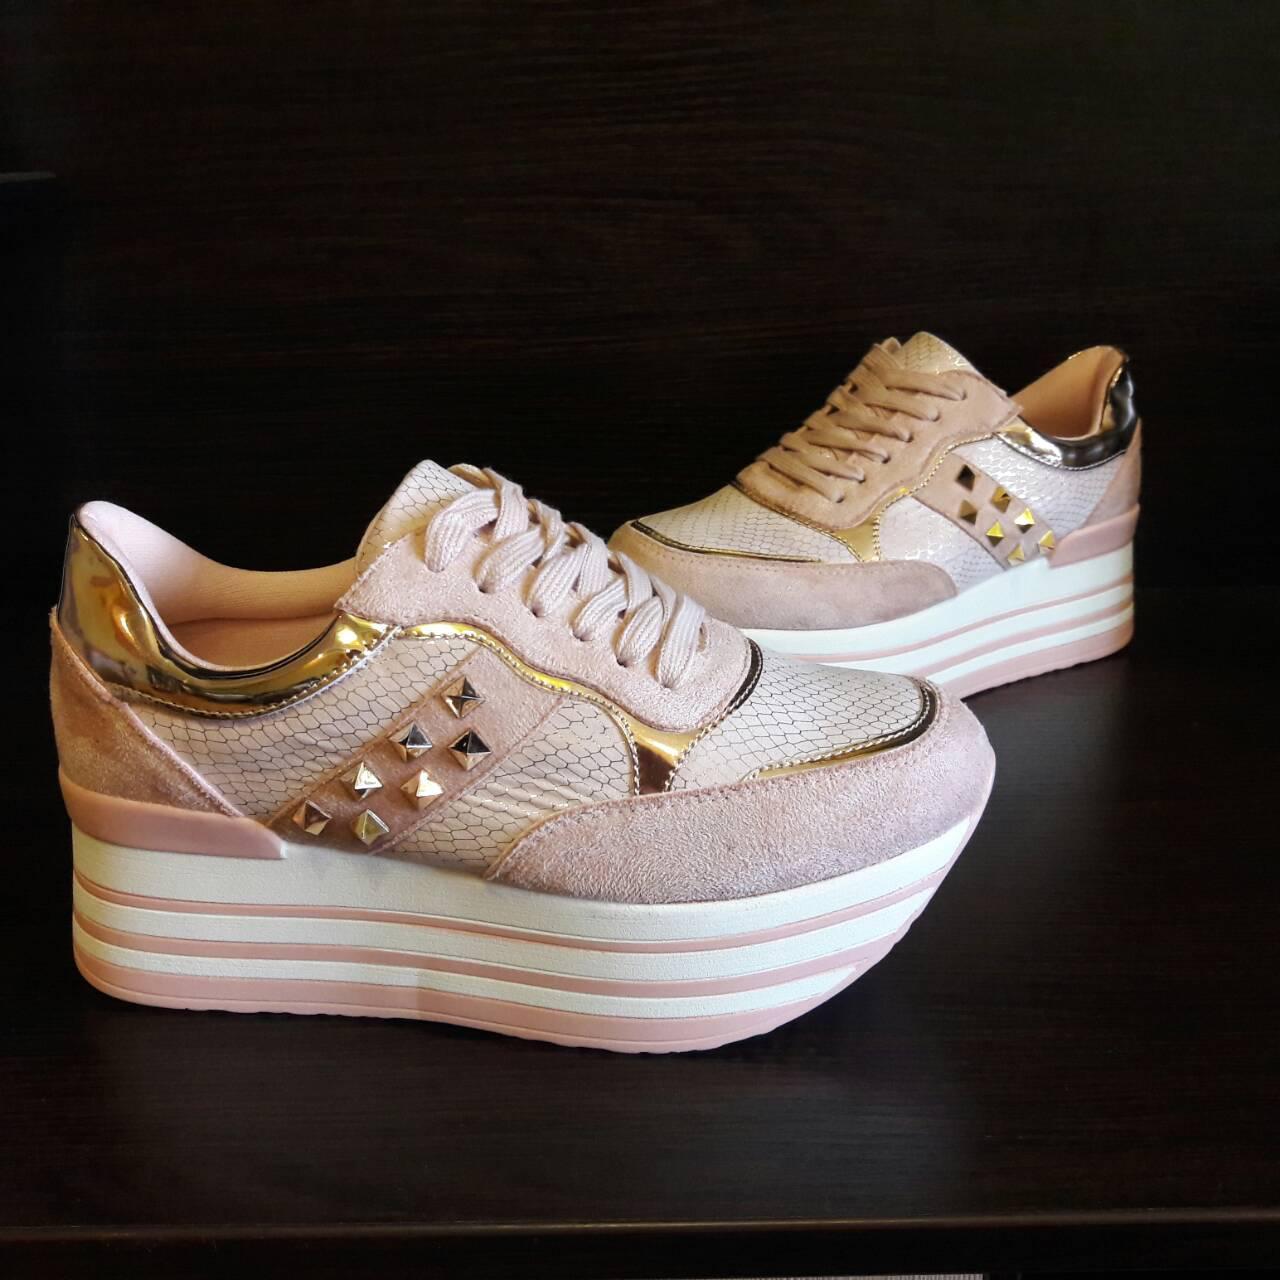 Женские розовые кроссовки на платформе цвет пудра р. 37 Польша - Irenka  Shoes в Полтаве 2b50beaa612